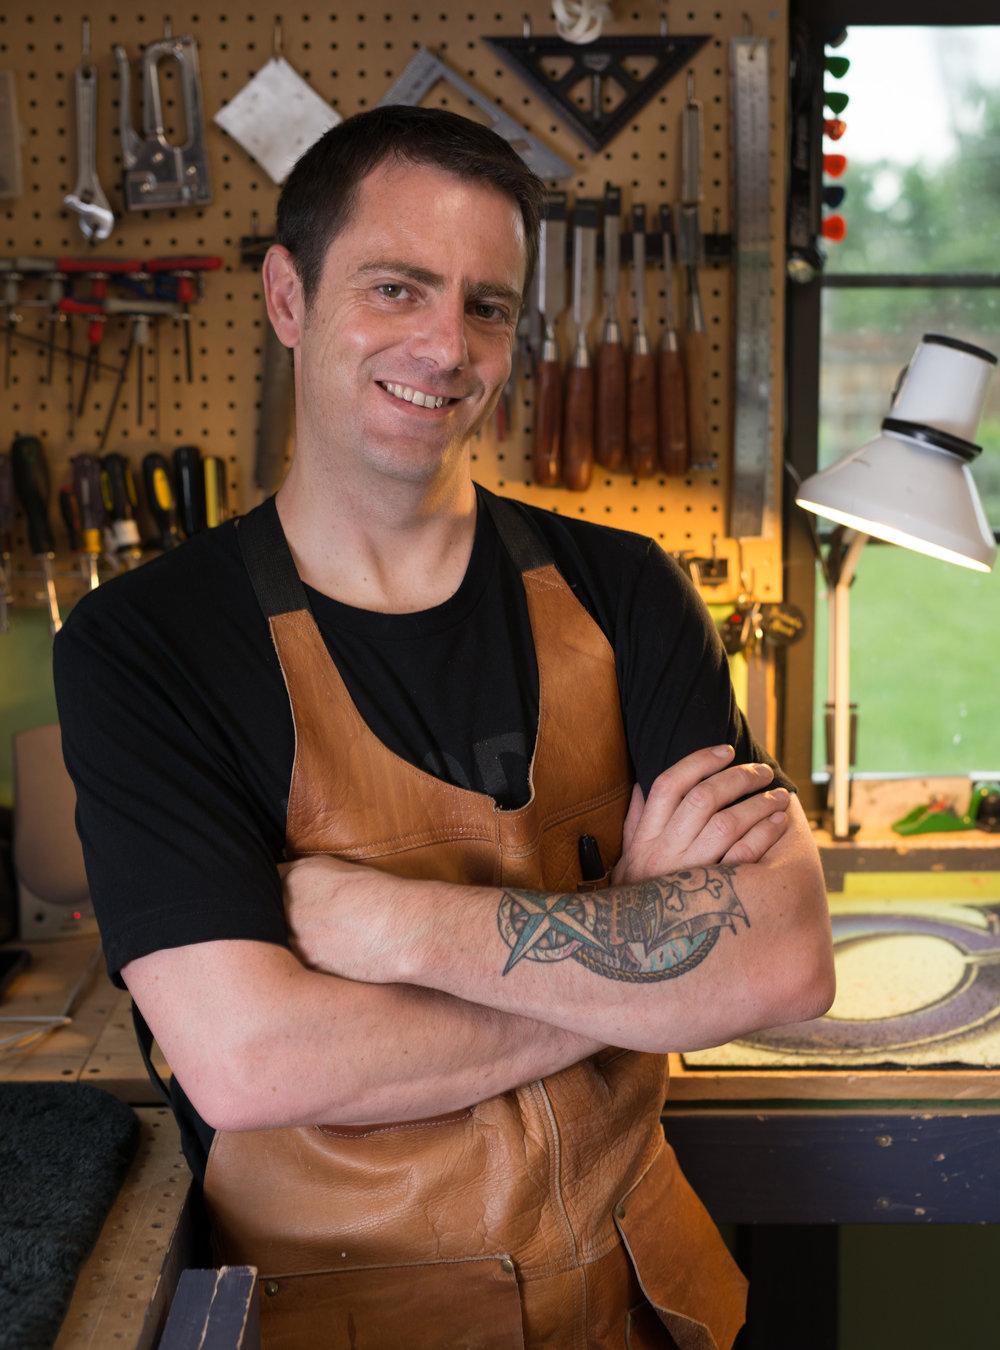 Darrell Plampin - Owner of DWP Guitars